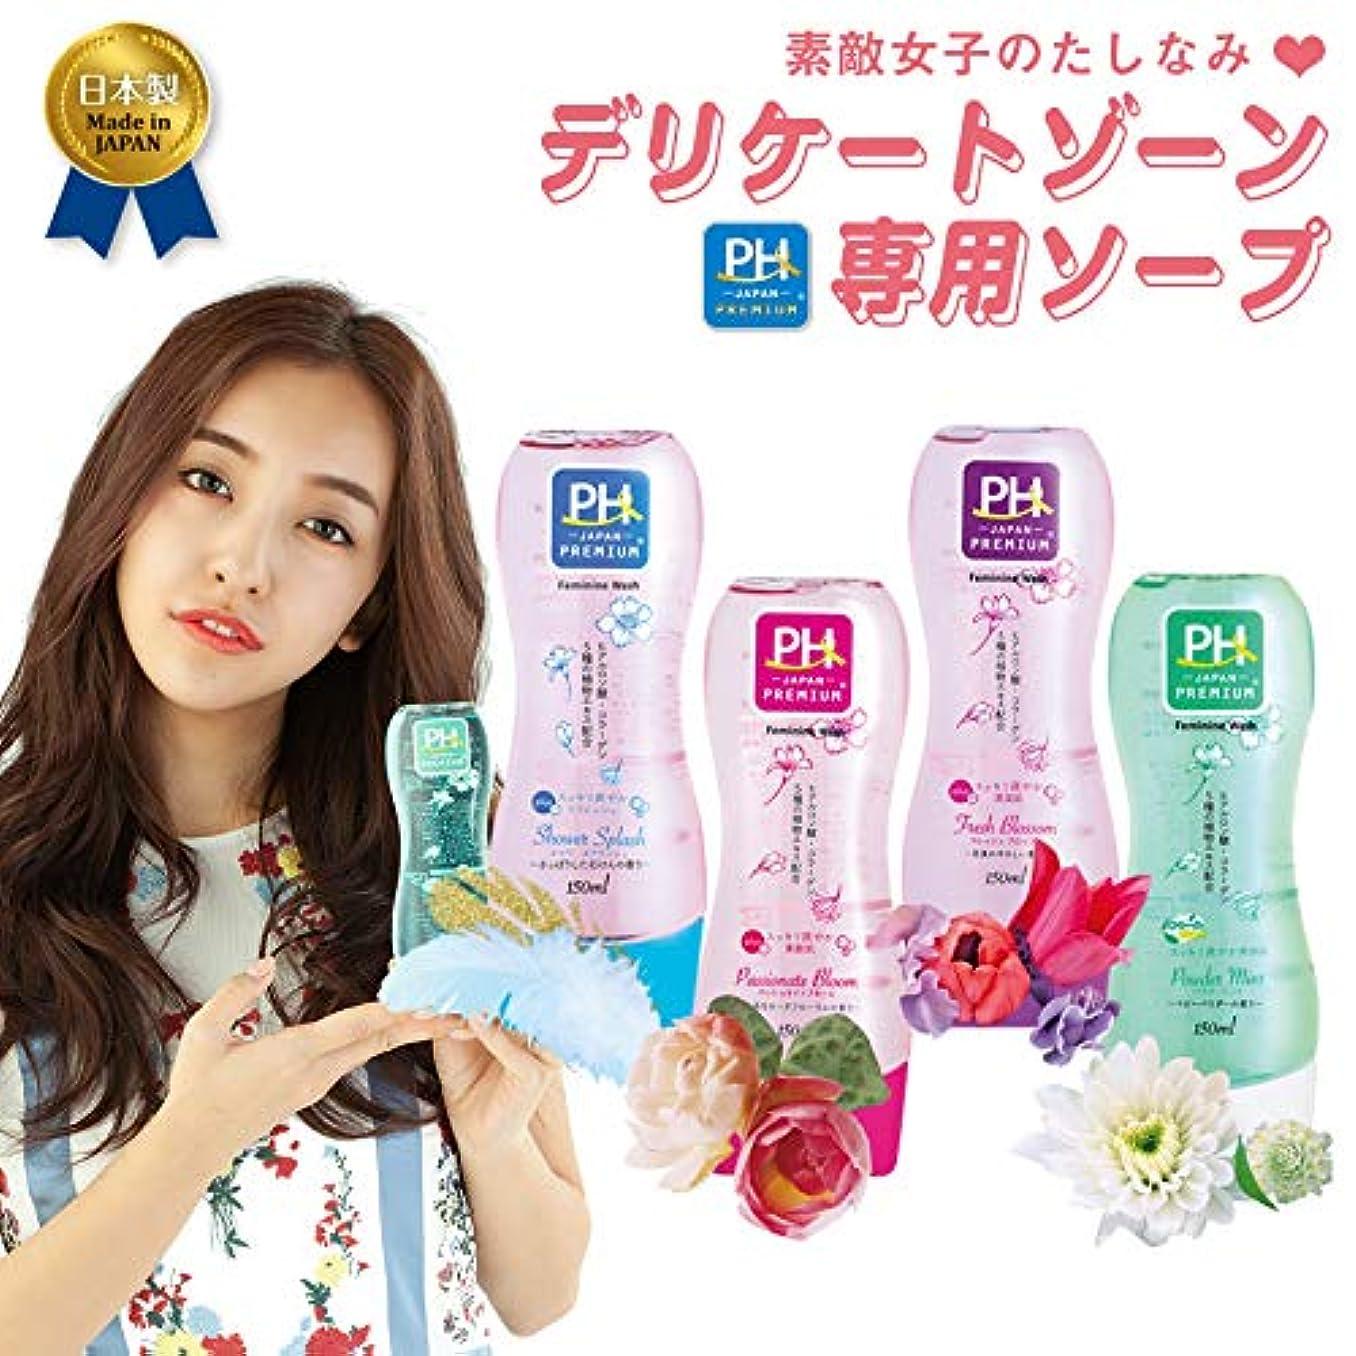 接続された開拓者理解するフレッシュブロッソム4本セット PH JAPAN フェミニンウォッシュ 花束のやさしい香り